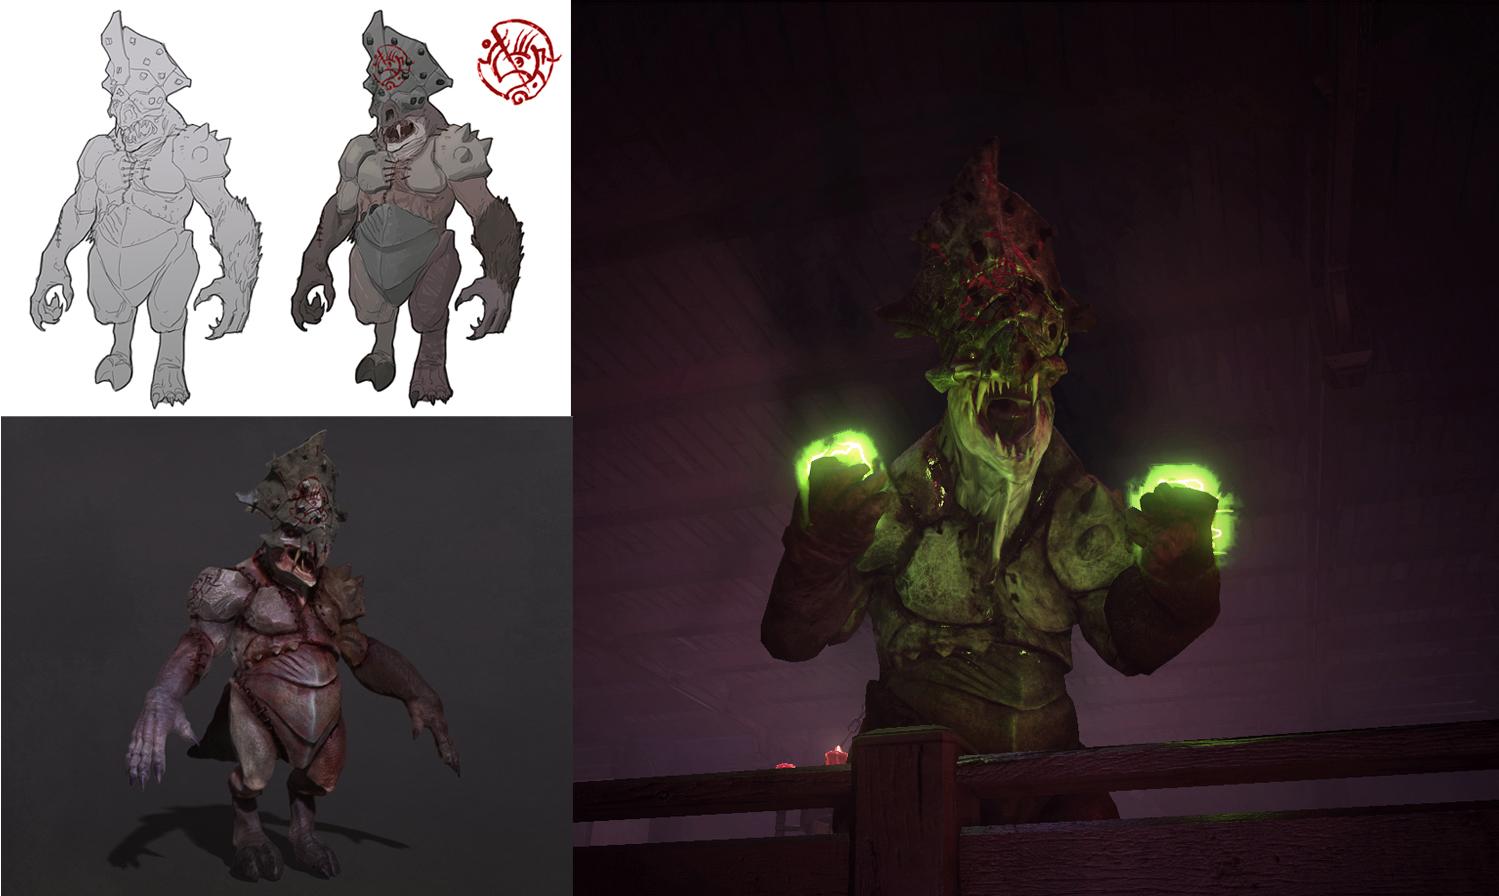 Undead _hulk_roar